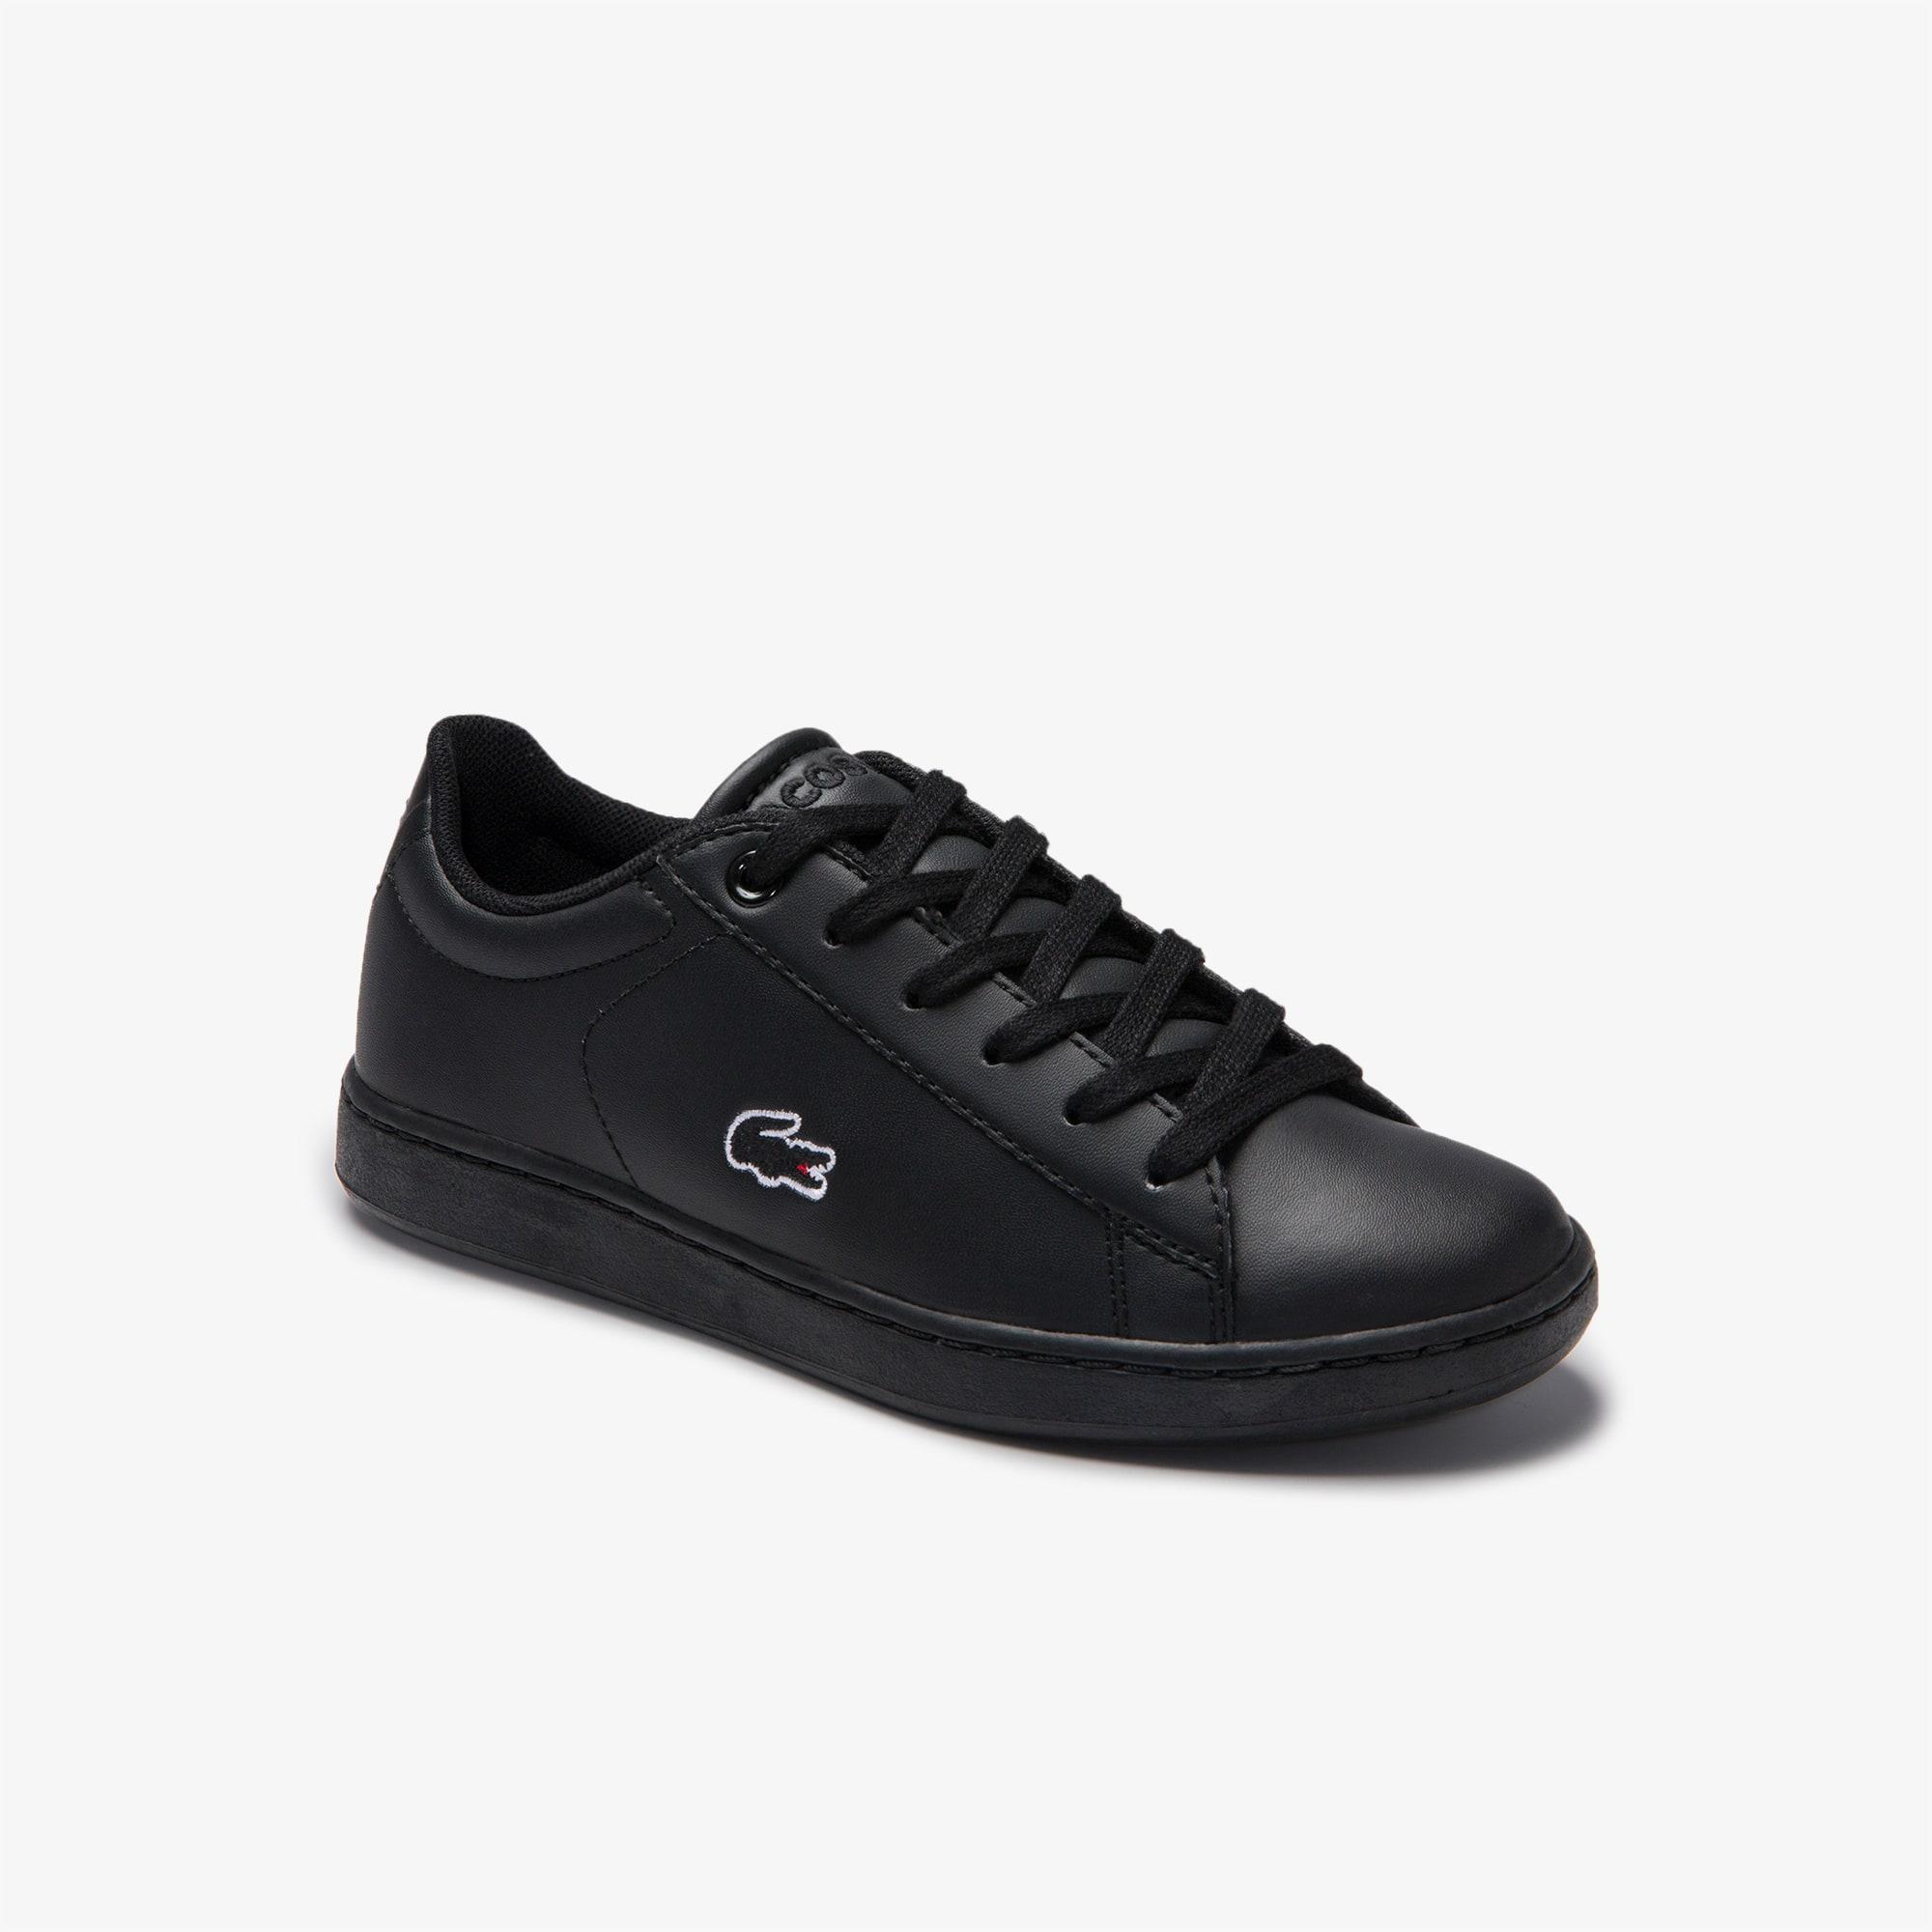 라코스테 Lacoste Childrens Carnaby Evo Lace-up Mesh-lined Synthetic Sneakers,BLK/BLK • 02H